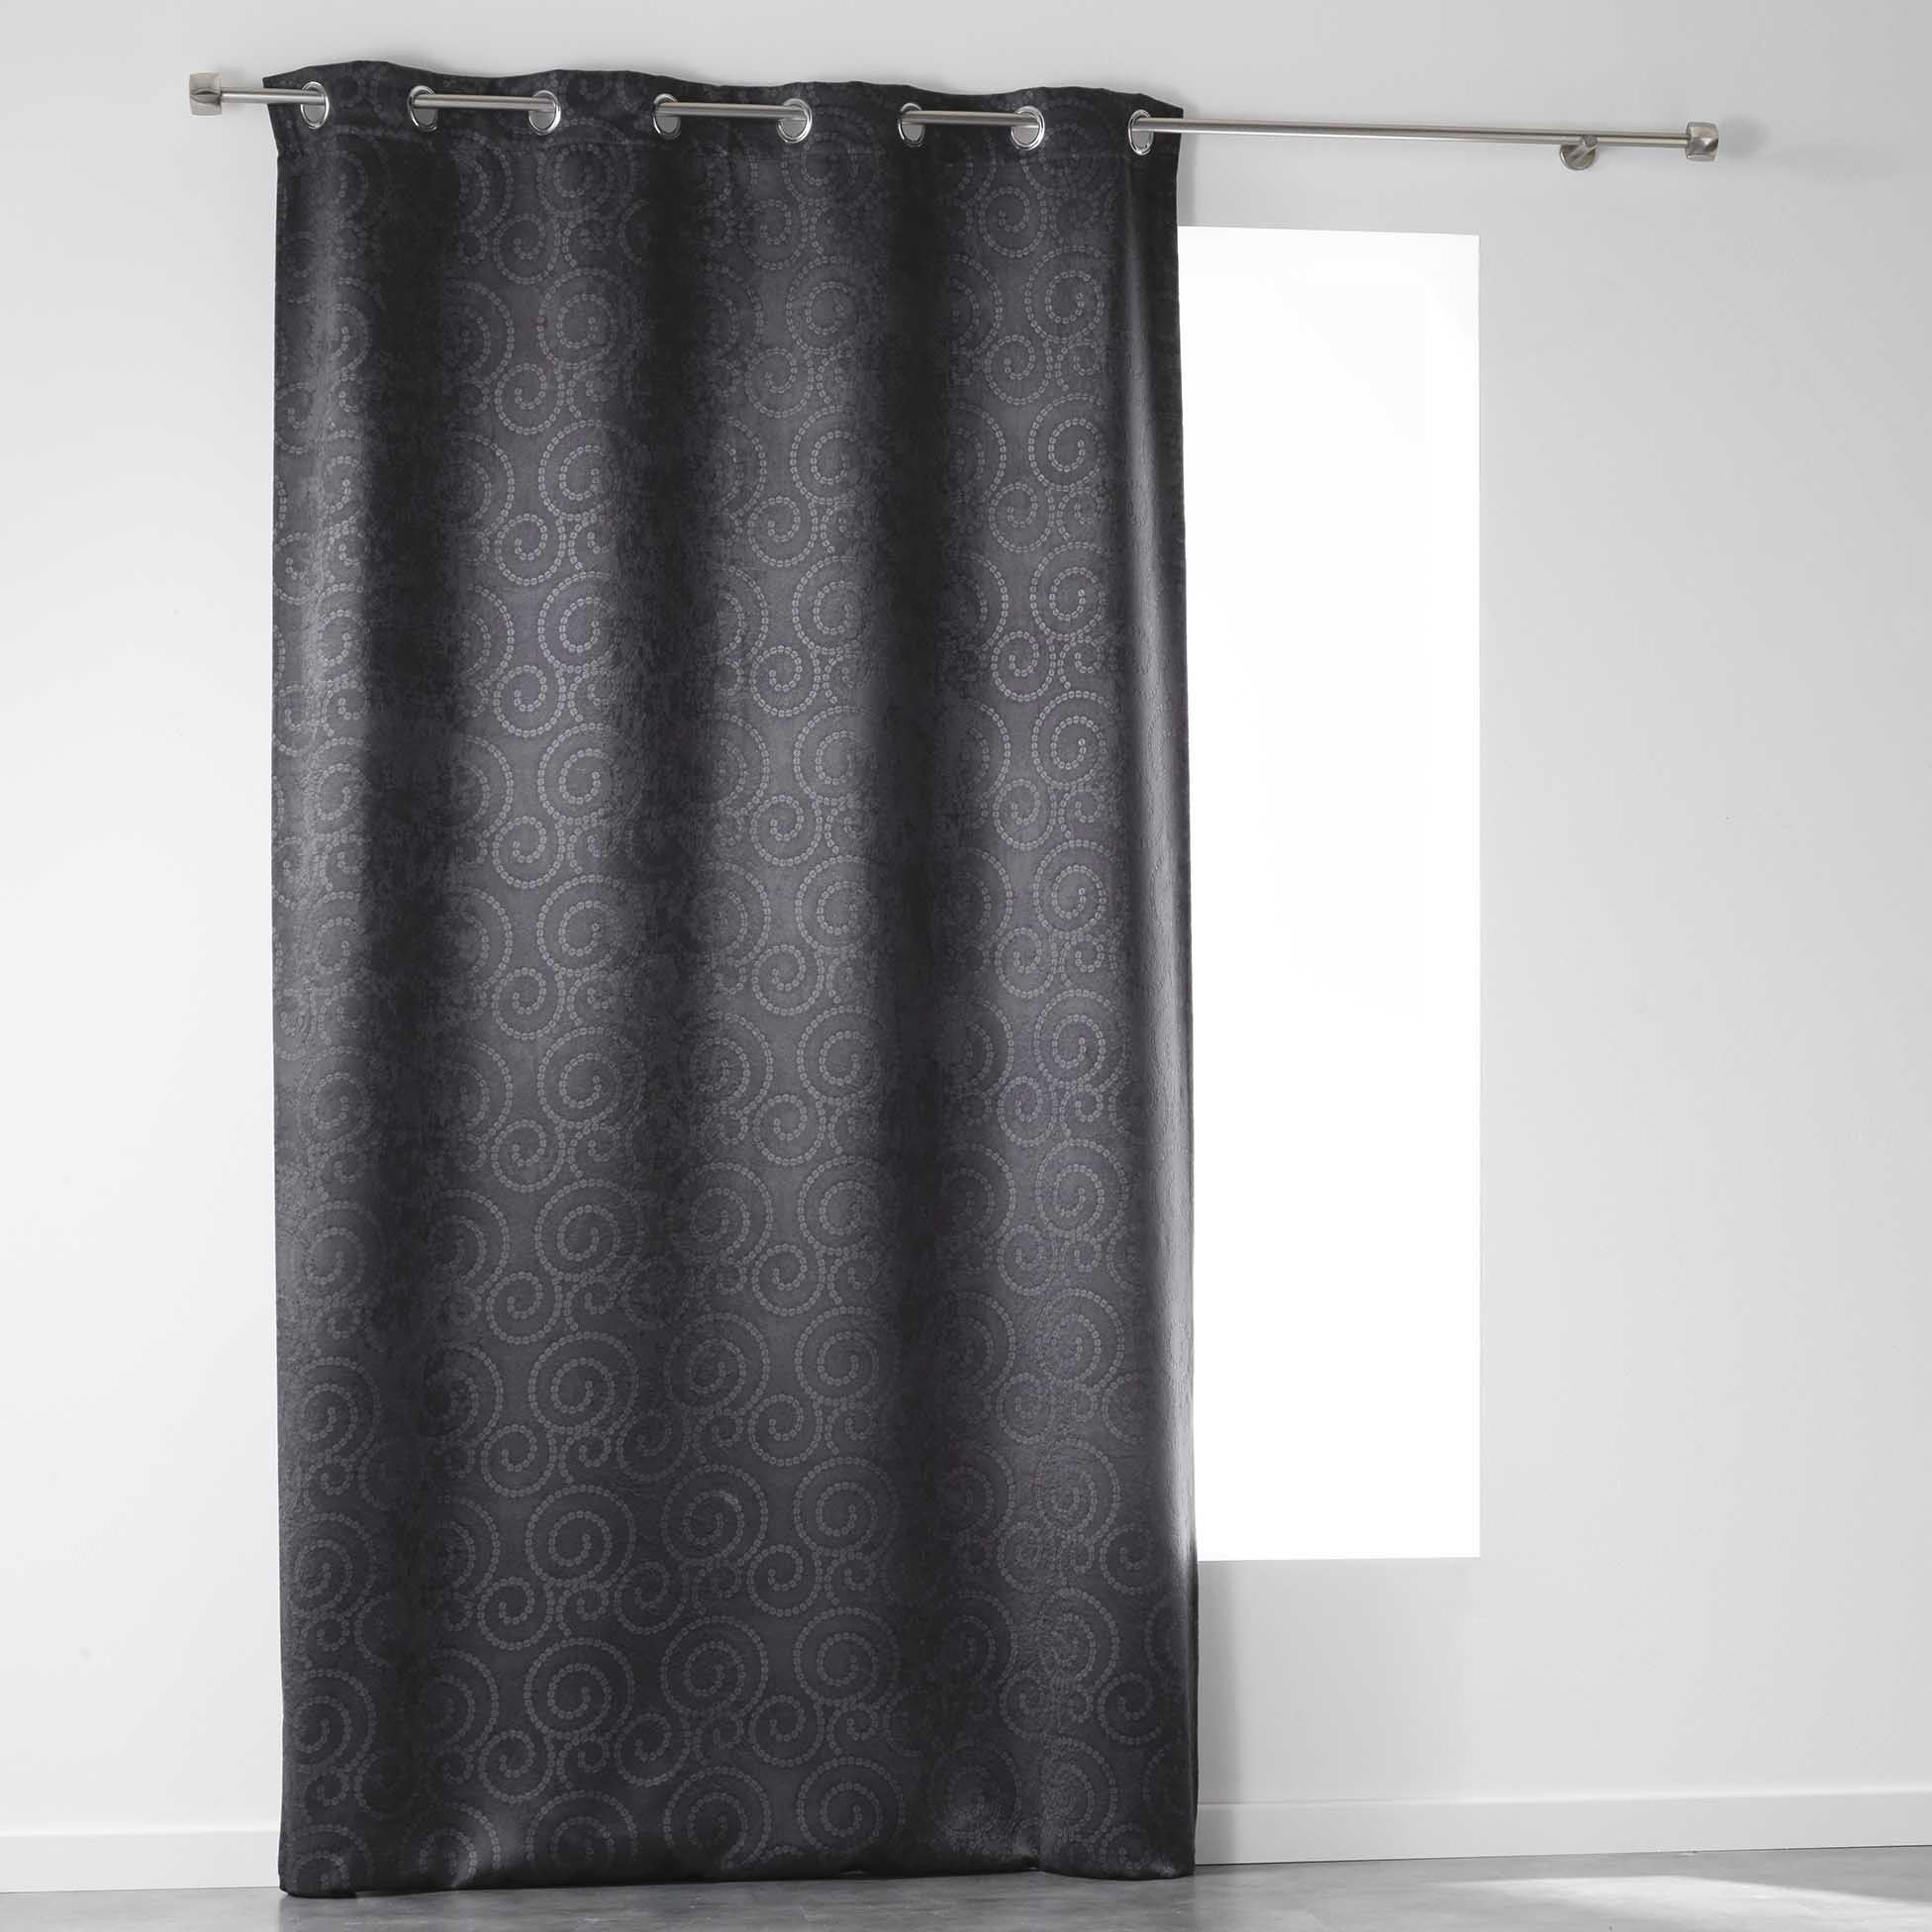 rideau 180 x 240 rideau en perle de buis classique zig zag with rideau 180 x 240 rideau pl. Black Bedroom Furniture Sets. Home Design Ideas